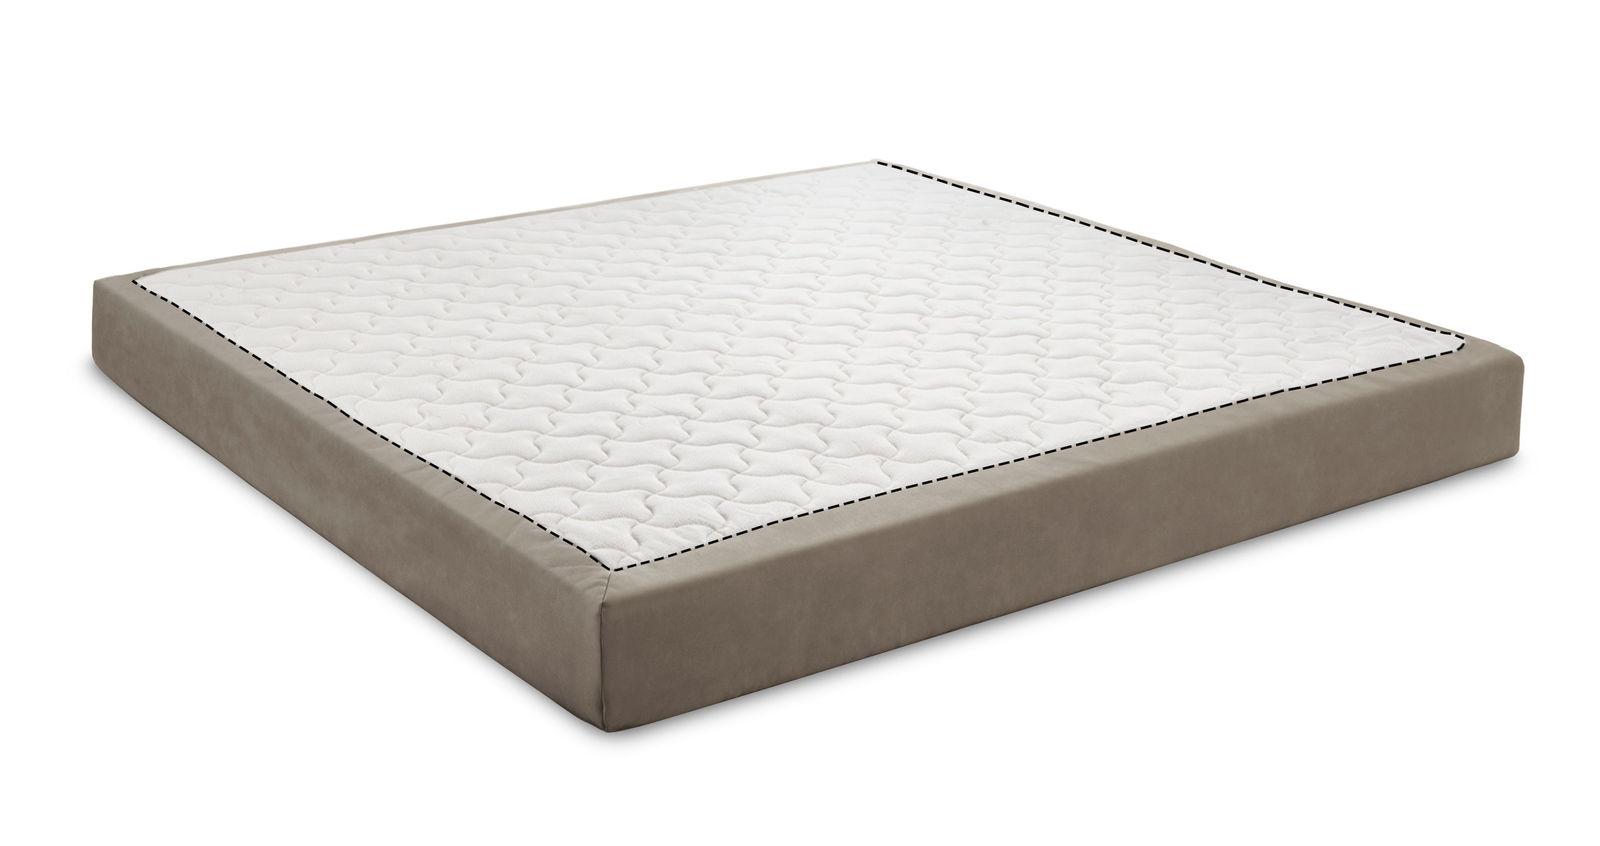 Matratzenbezug mit 2 Kernen und praktischem Reißverschluss